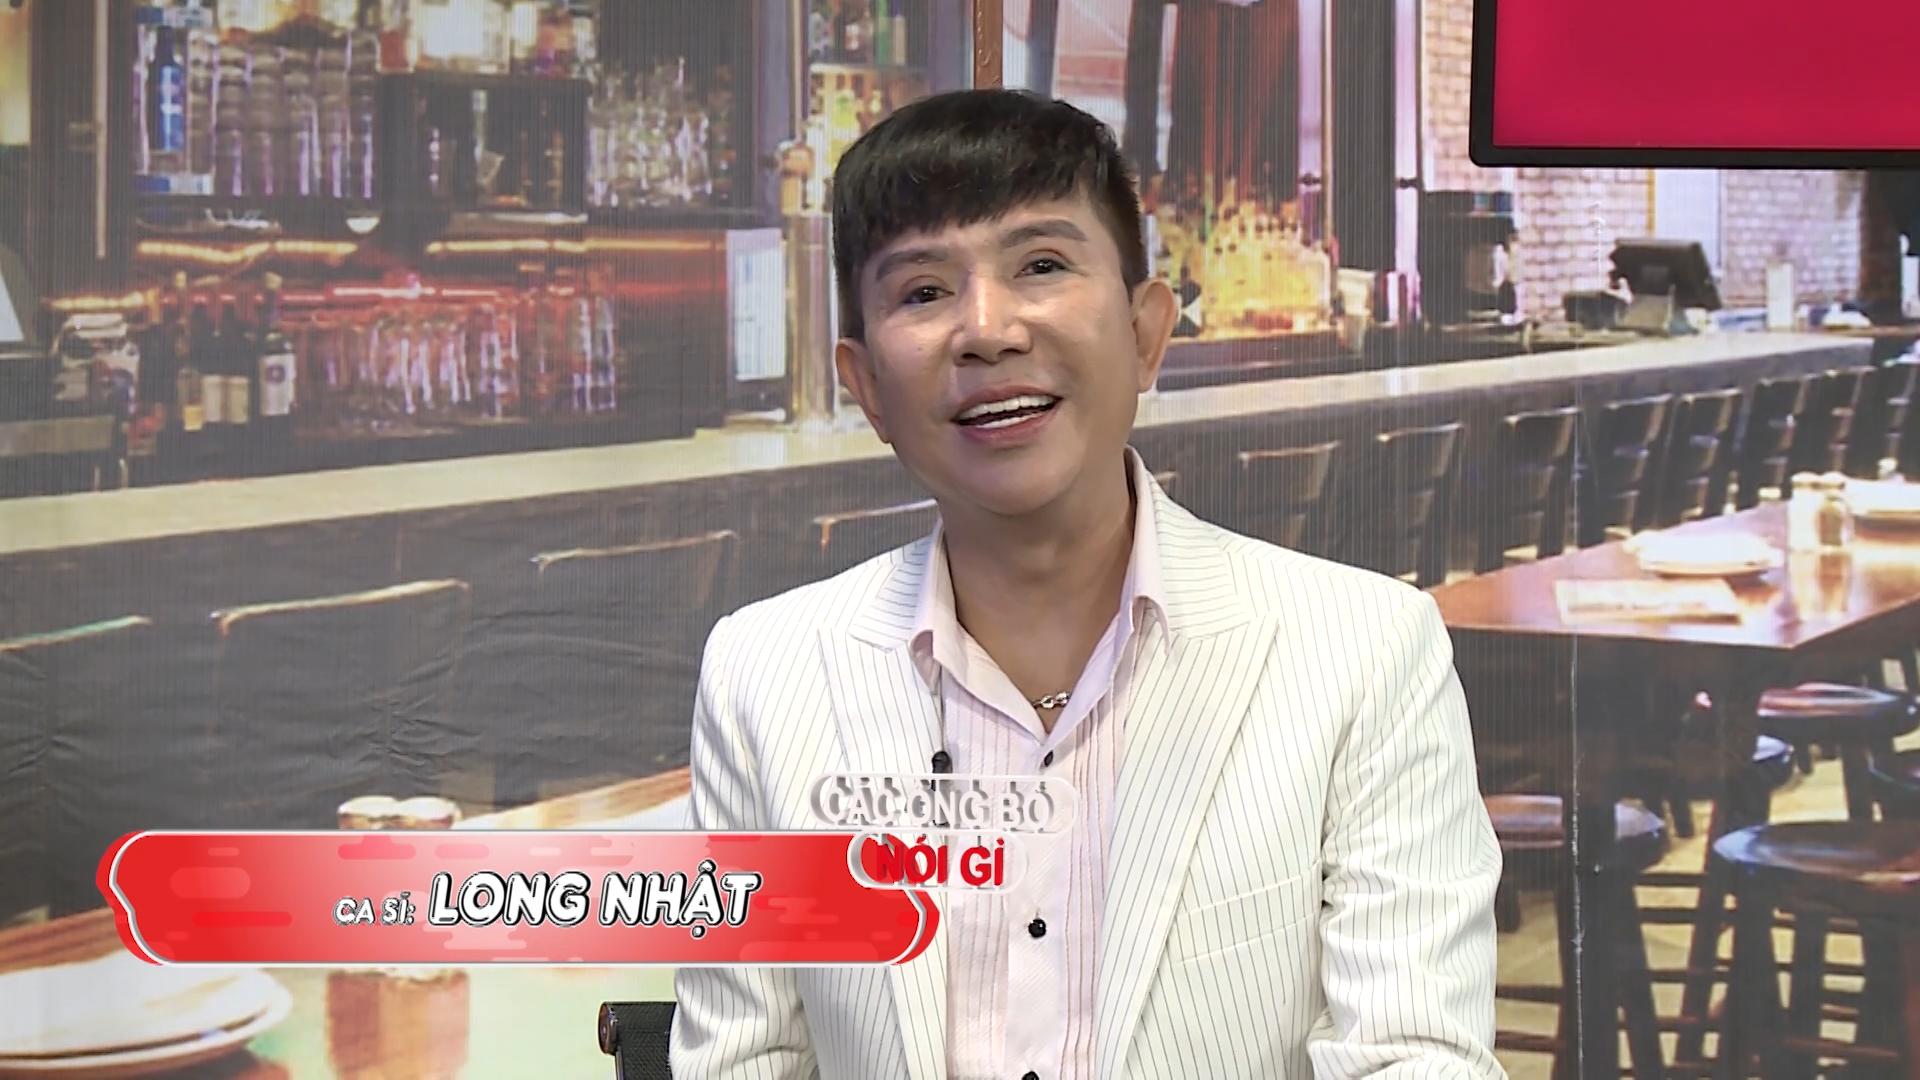 """Ca sĩ Long Nhật tiếp tục """"nói xấu"""" vợ Á Khôi trên sóng truyền hình"""